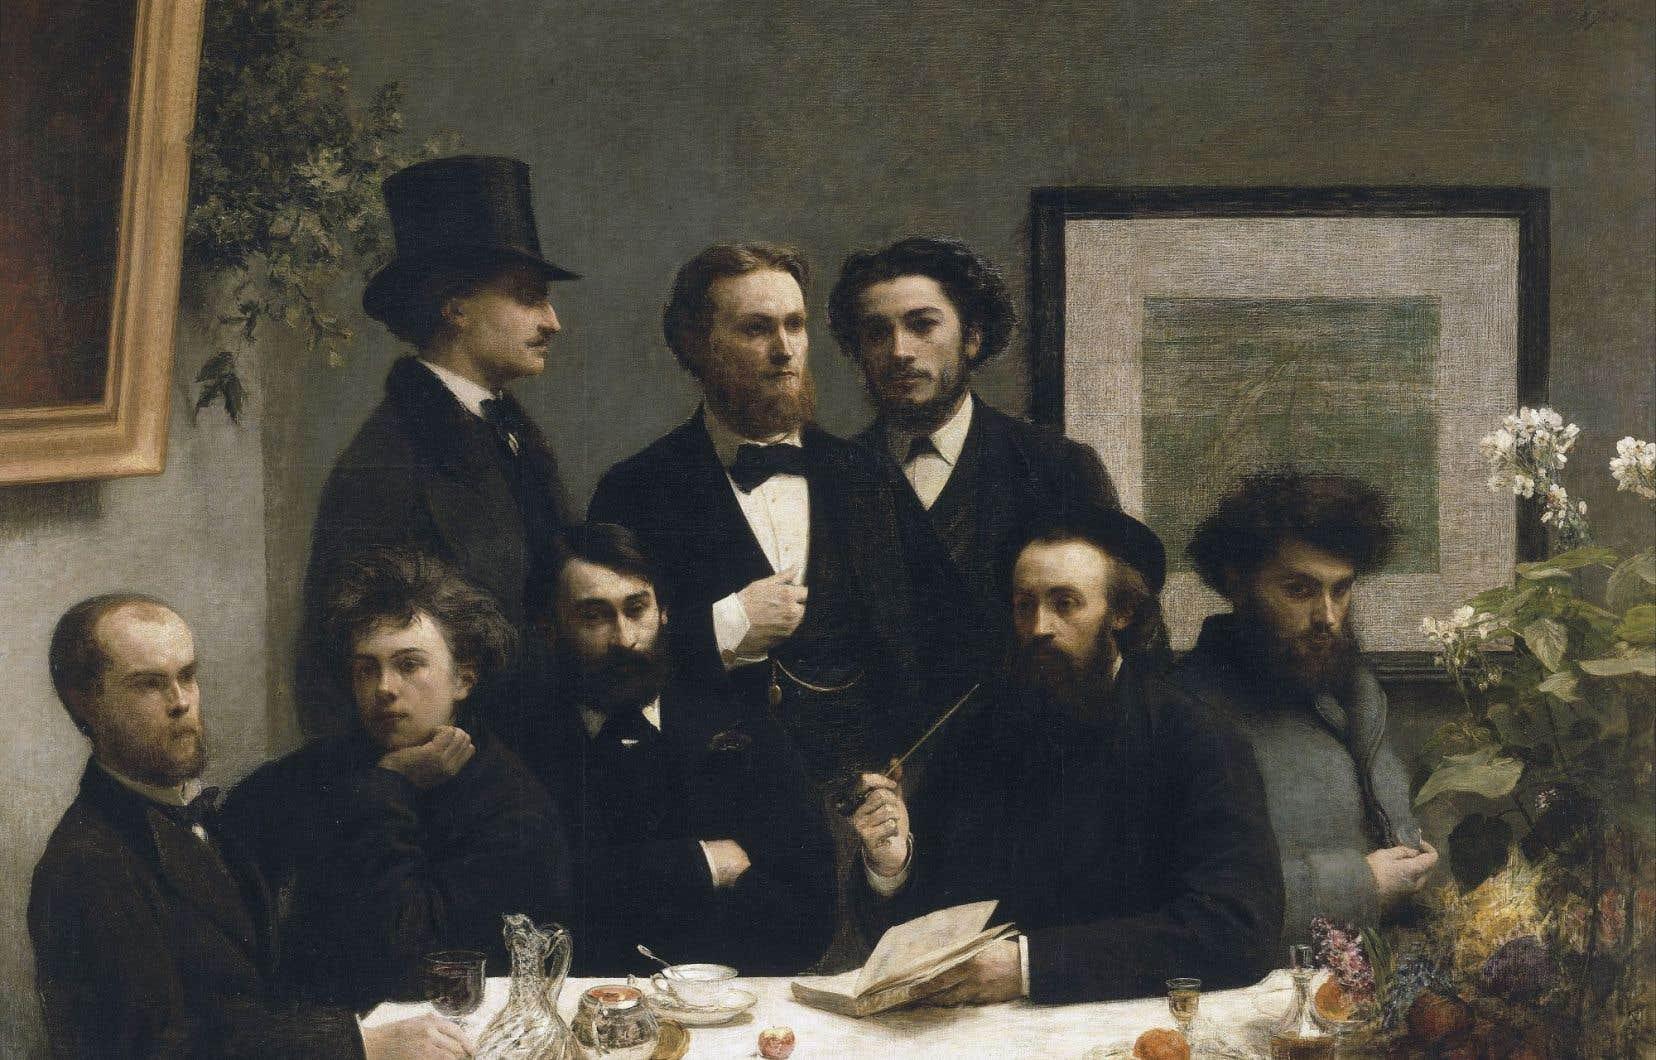 «Un coin de table» d'Henri Fantin-Latour, 1872. À gauche, on reconnaît Verlaine et Rimbaud.